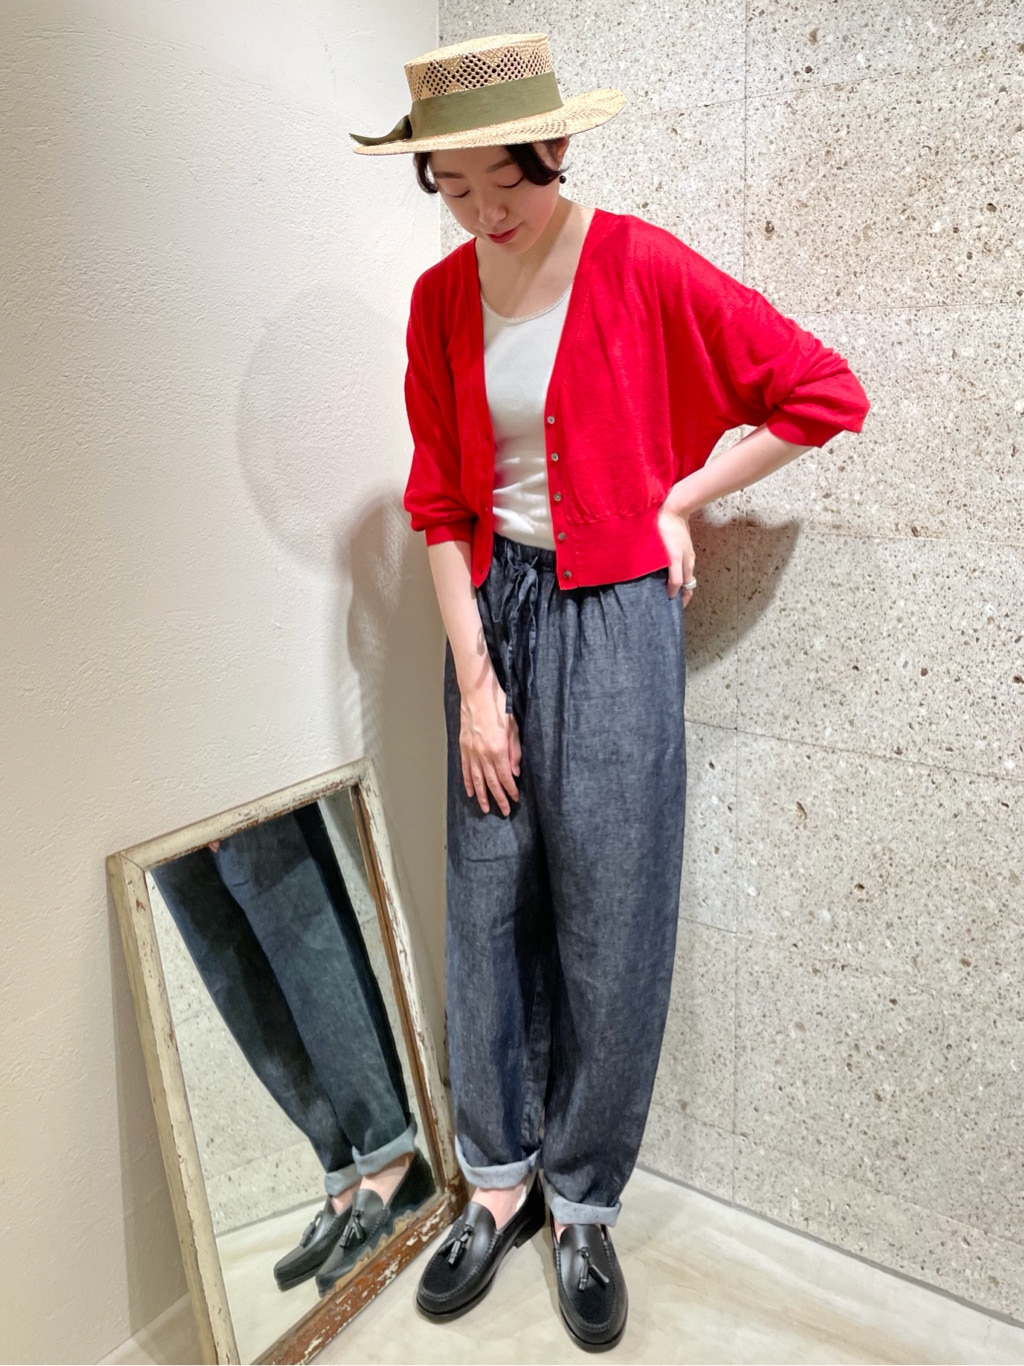 yuni ニュウマン横浜 身長:166cm 2021.05.21